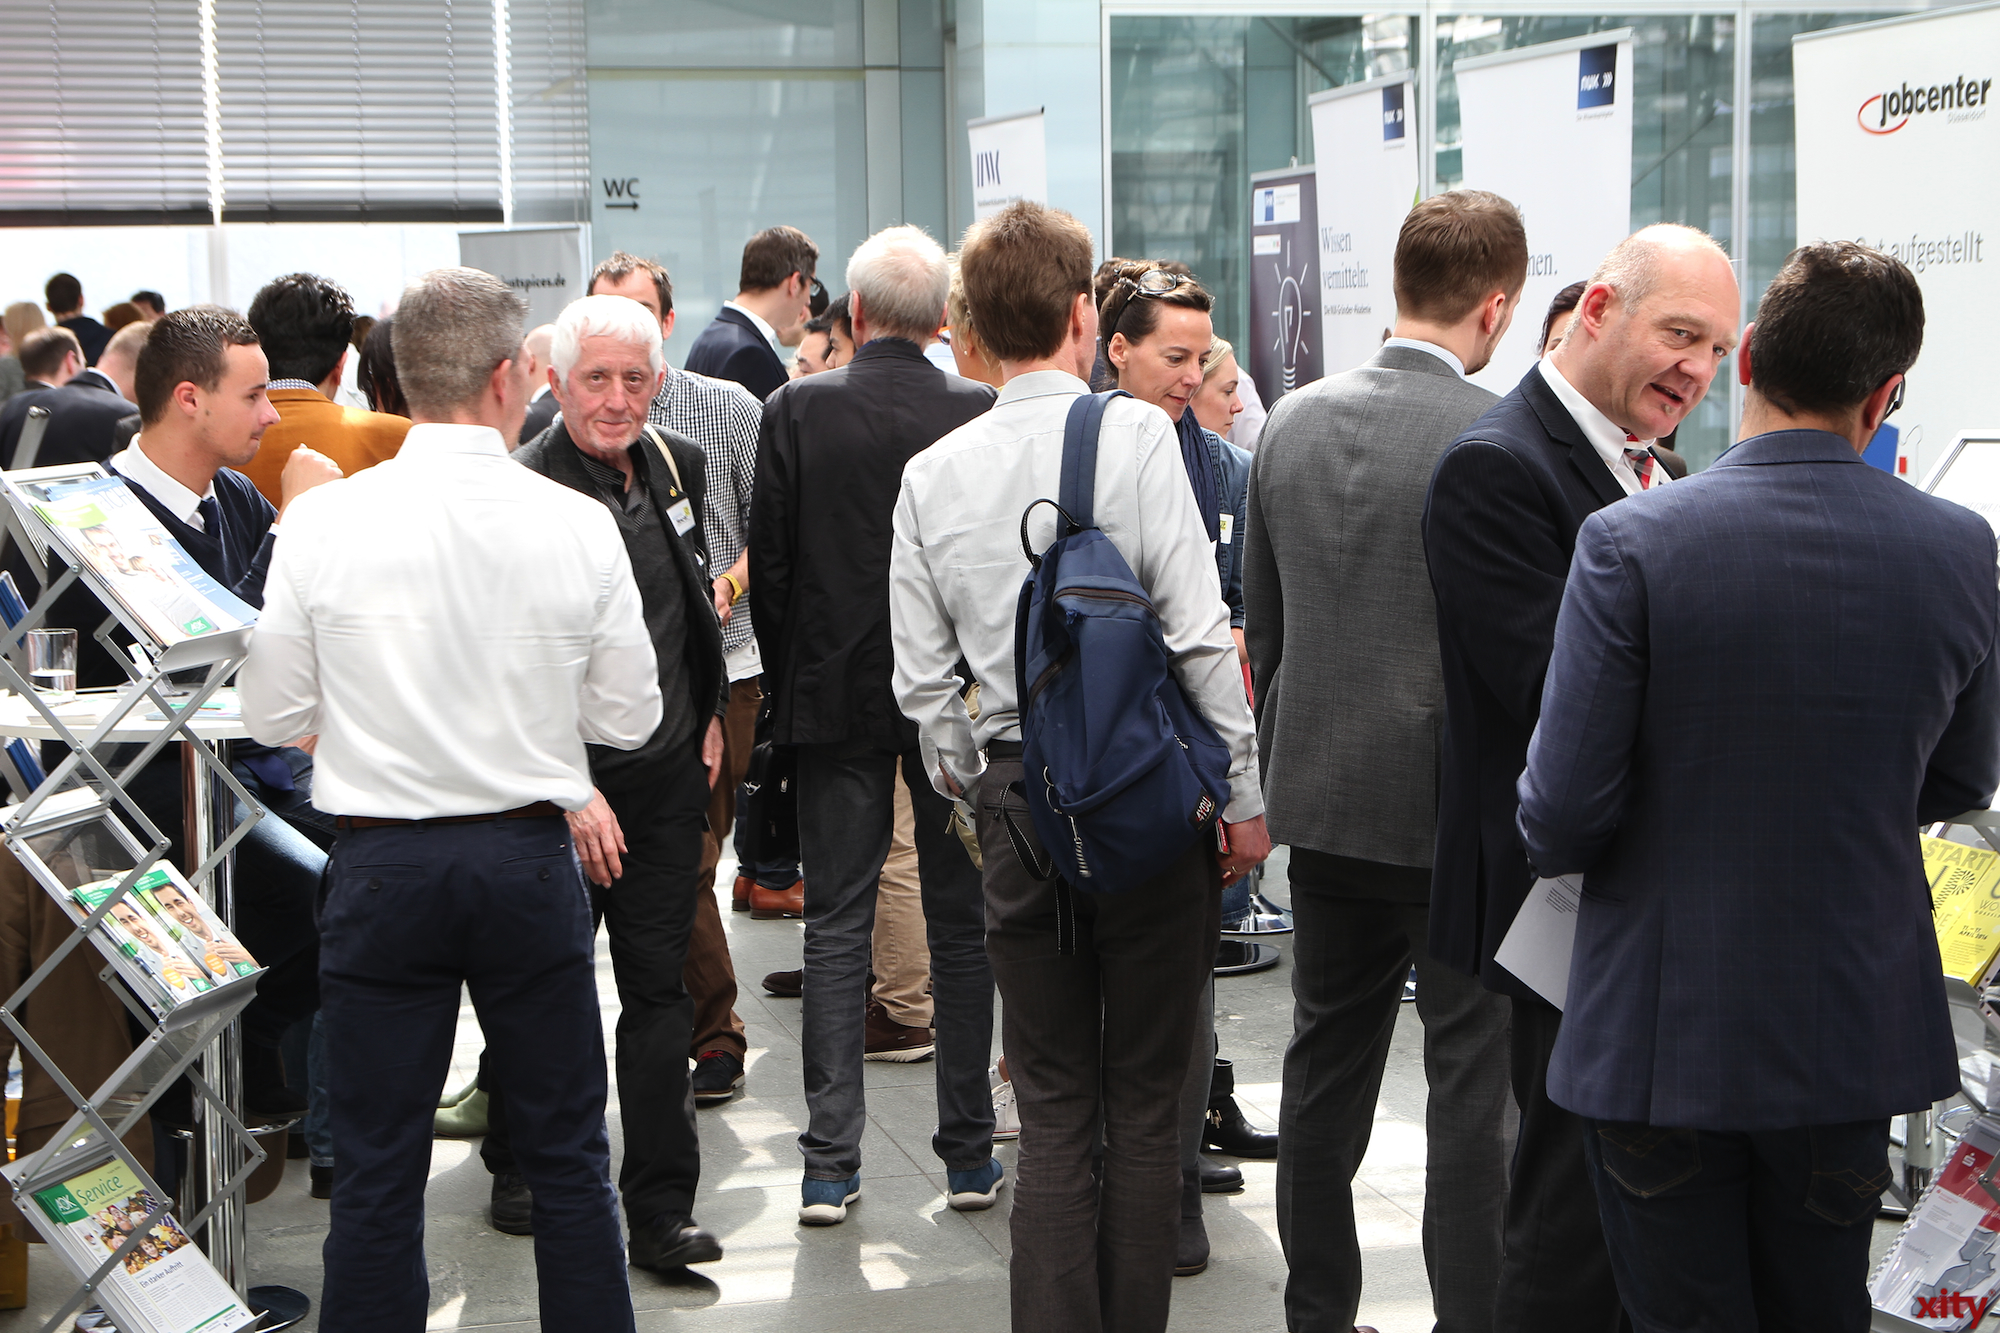 Während der Düsseldorfer Start-up Woche finden 35 Veranstaltungen zum Thema Unternehmensgründung statt (Foto: xity)